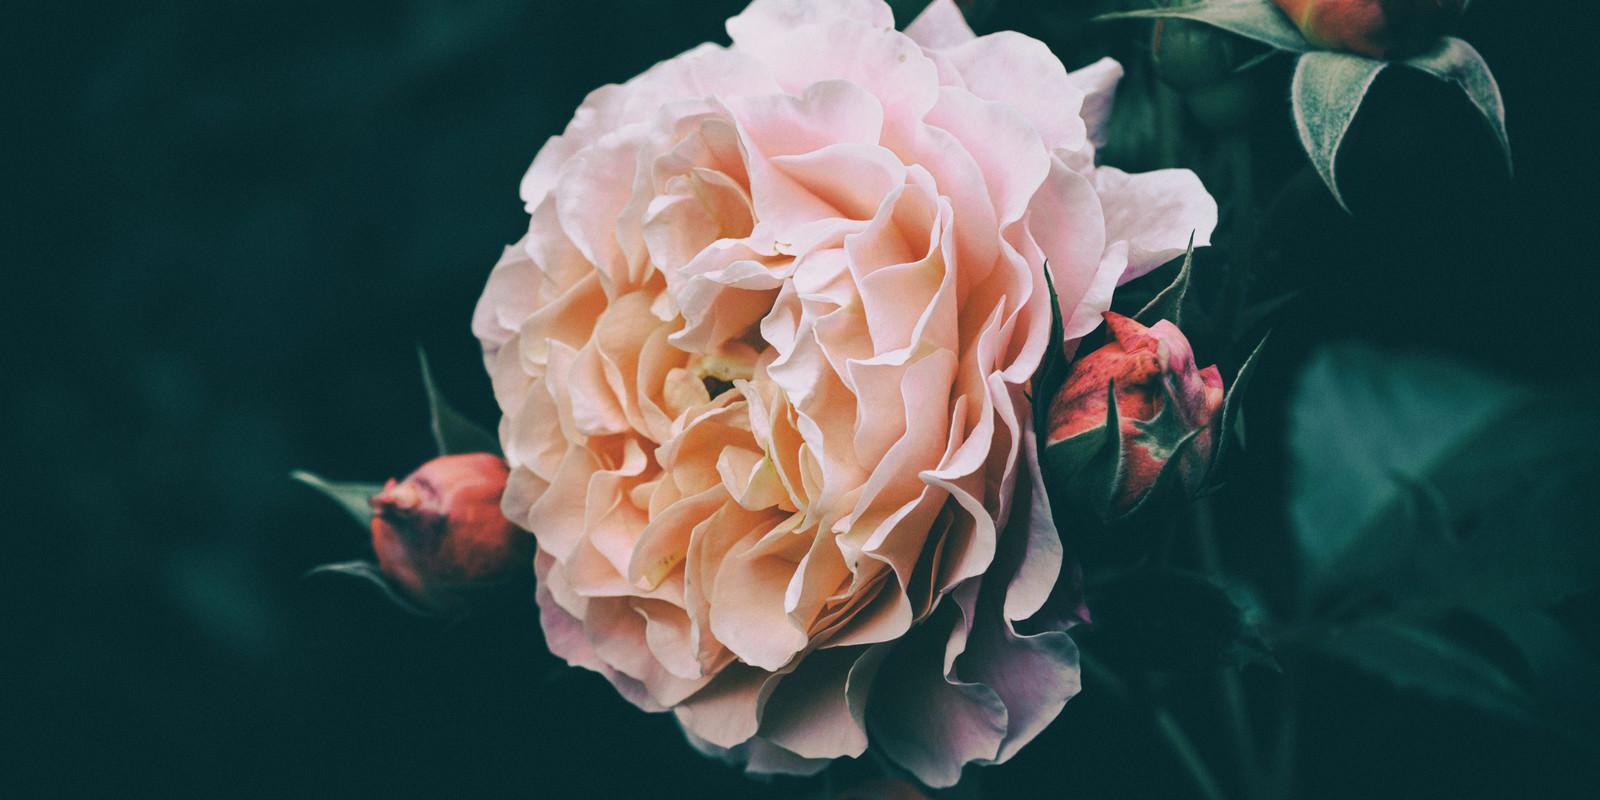 「開花する薔薇とつぼみ」の写真